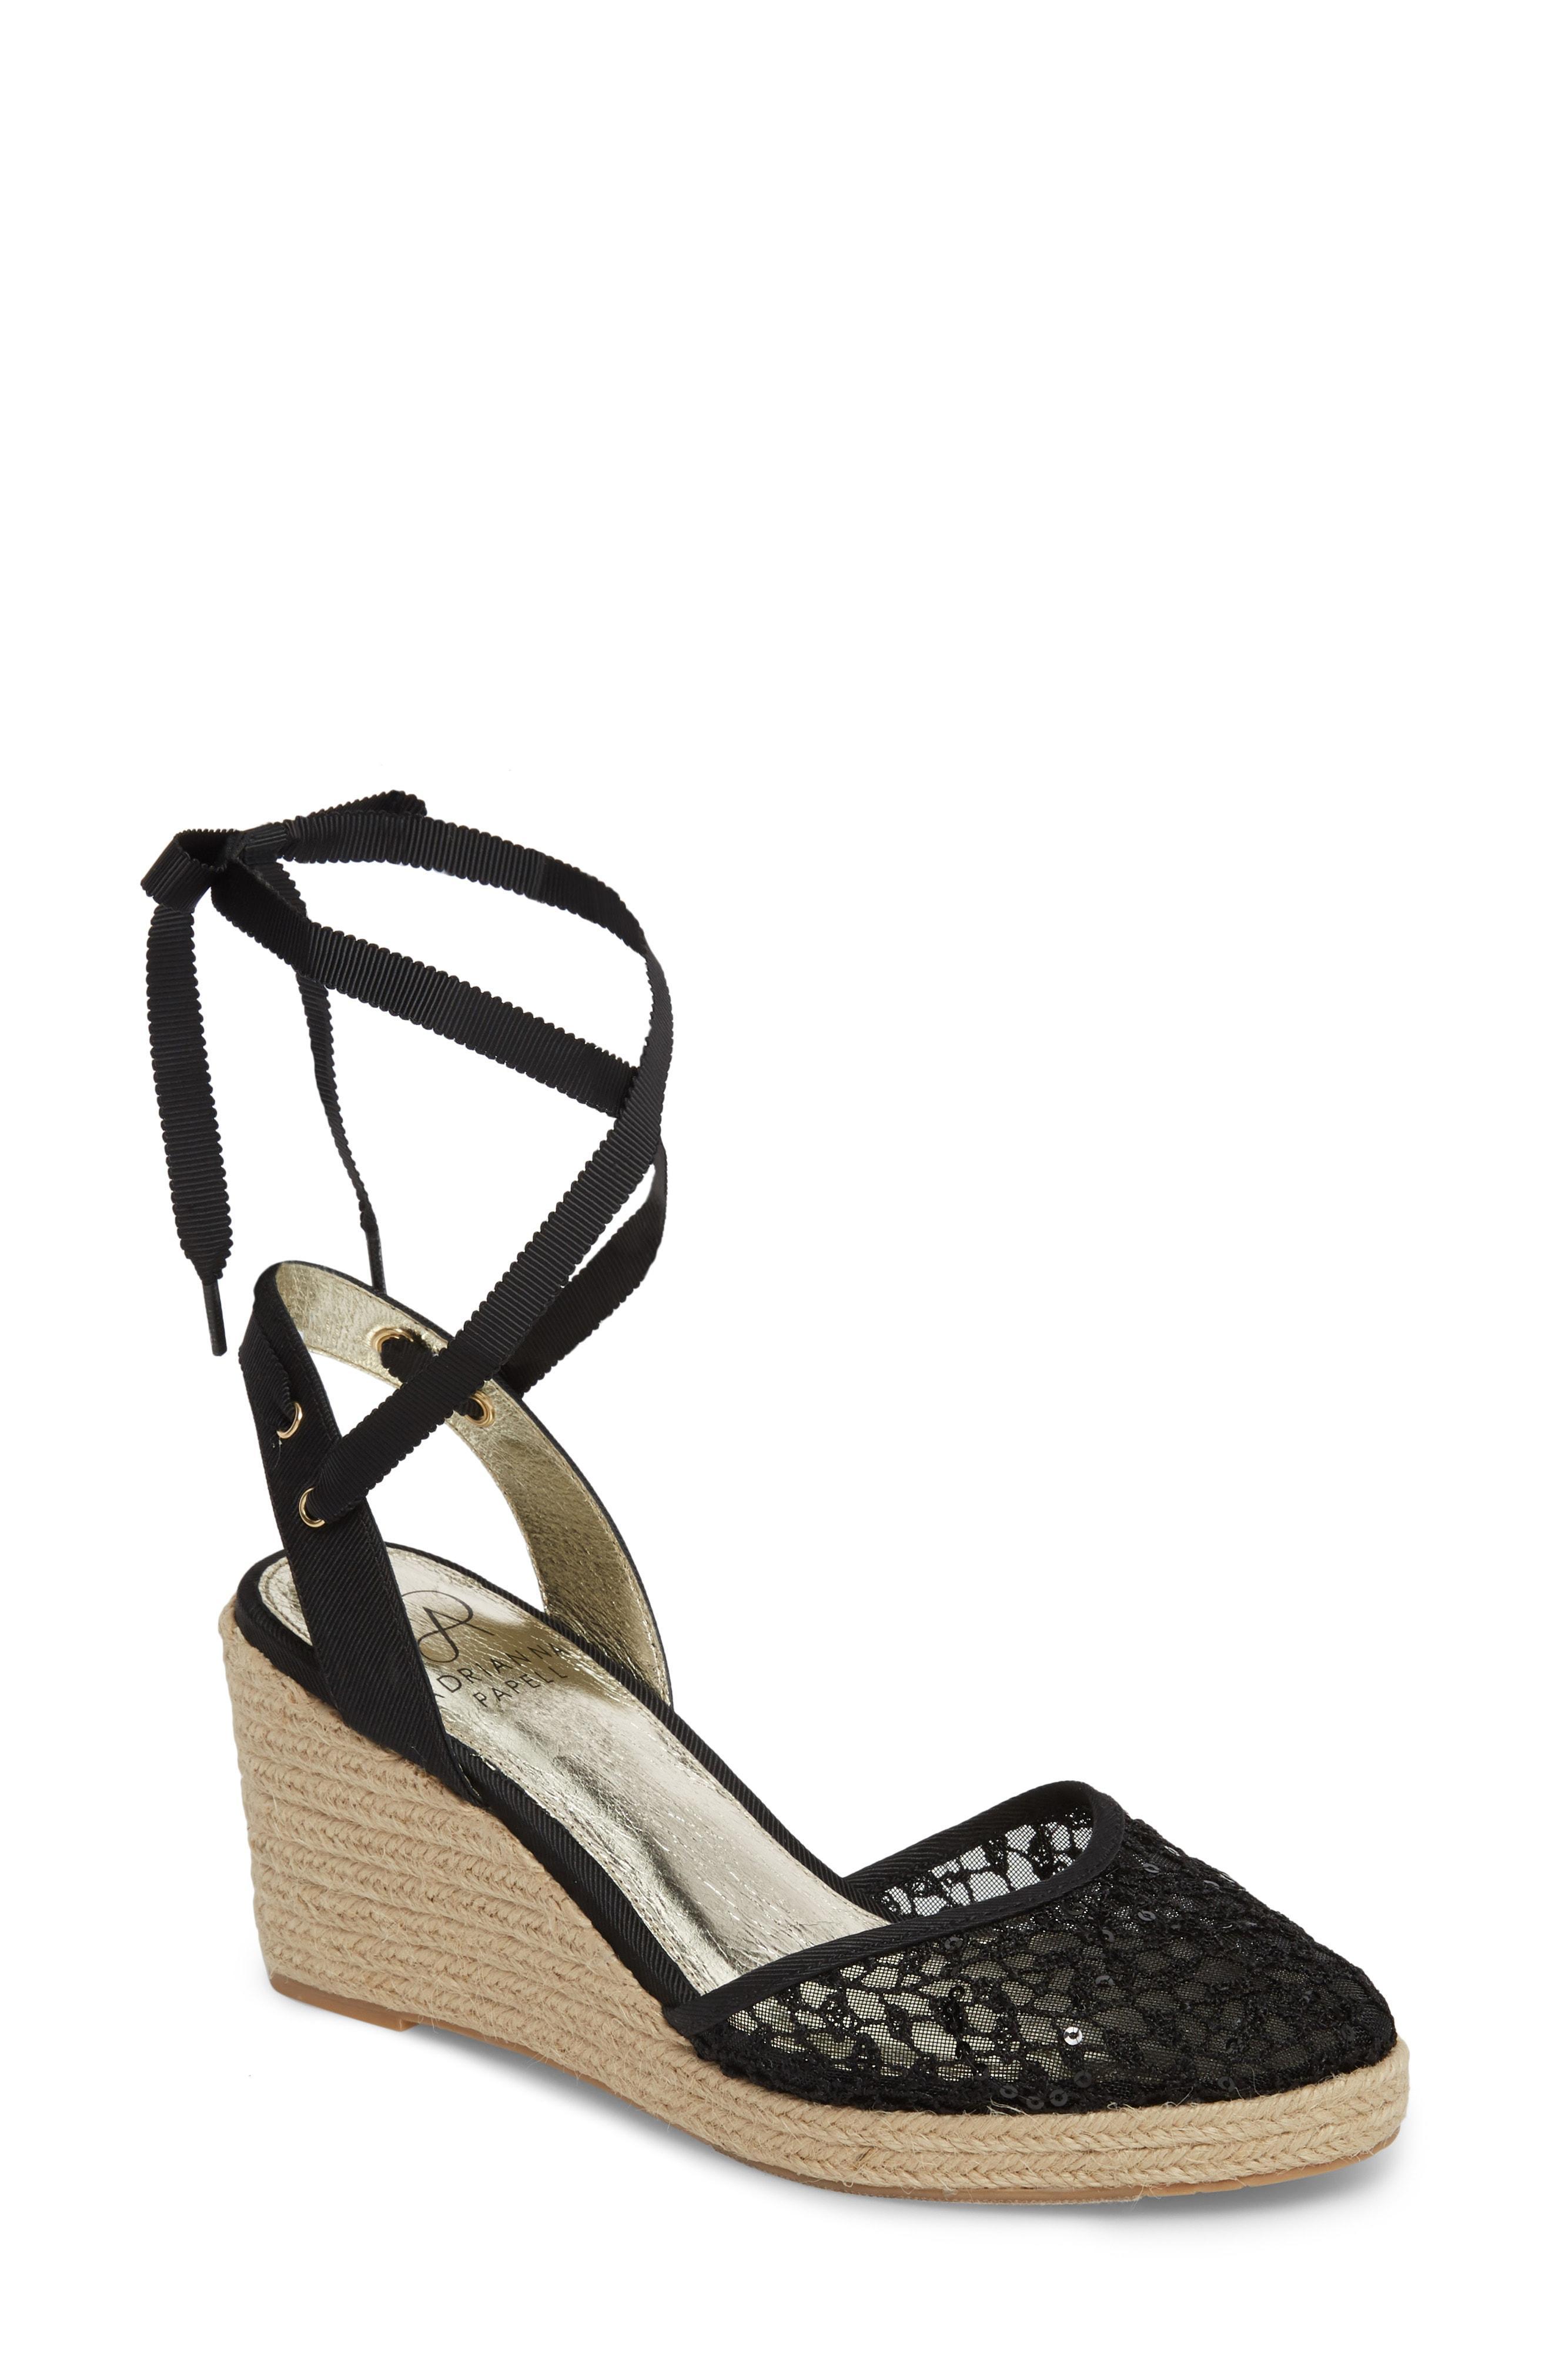 3f90c02b3e0 Lyst - Adrianna Papell Pamela Espadrille Wedge Sandal in Black